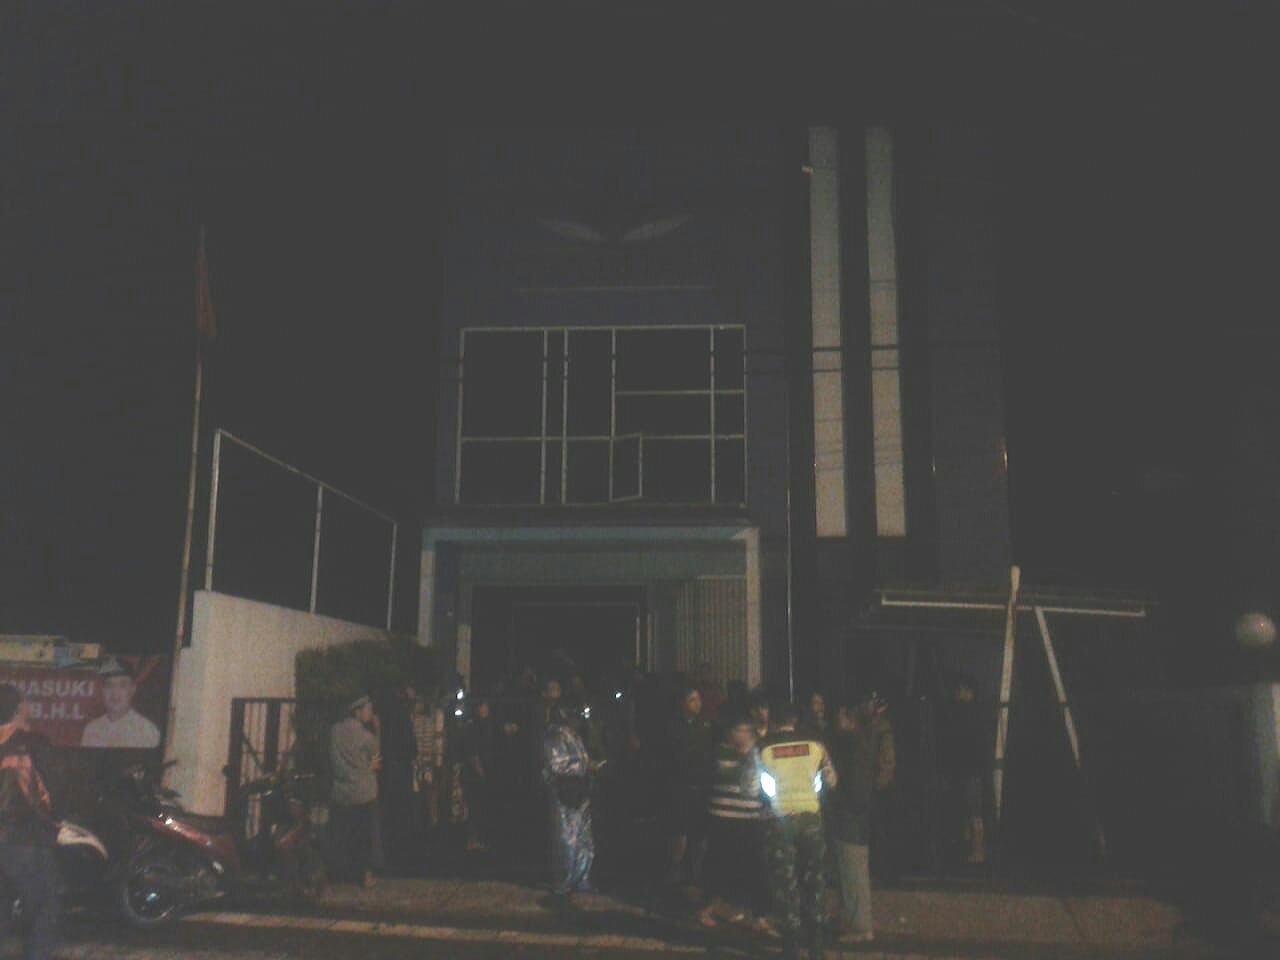 Kebakaran di CU Lestari Wonosobo, Ditaksir Kerugiannya Capai 75 juta